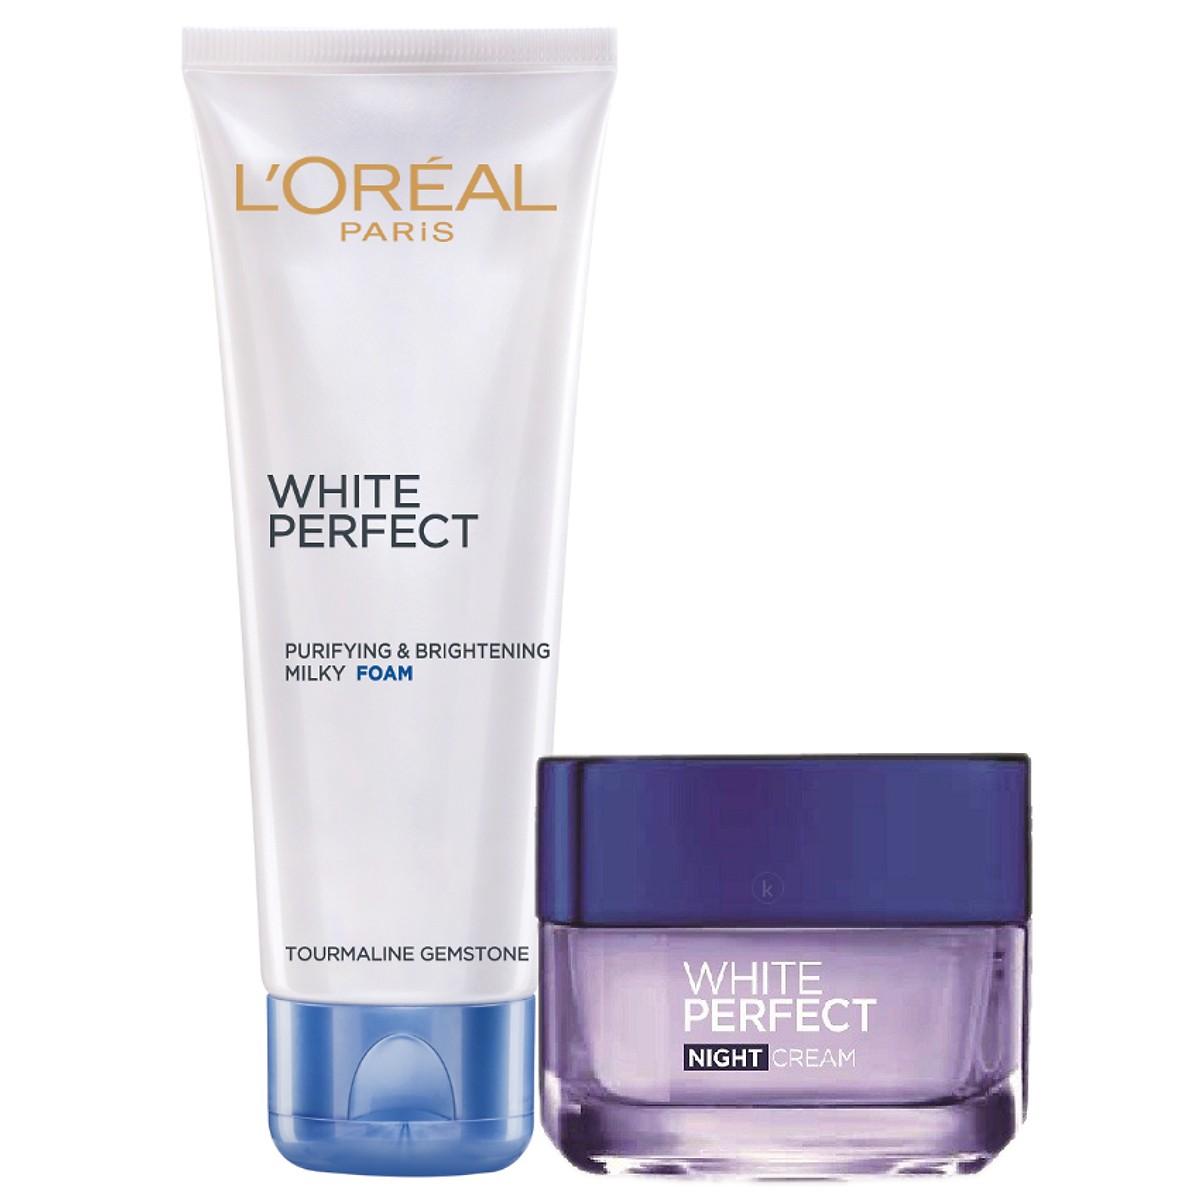 Kem Dưỡng Đêm Và Sửa Rửa Mặt White Perfect Dewy L'oreal 50ml